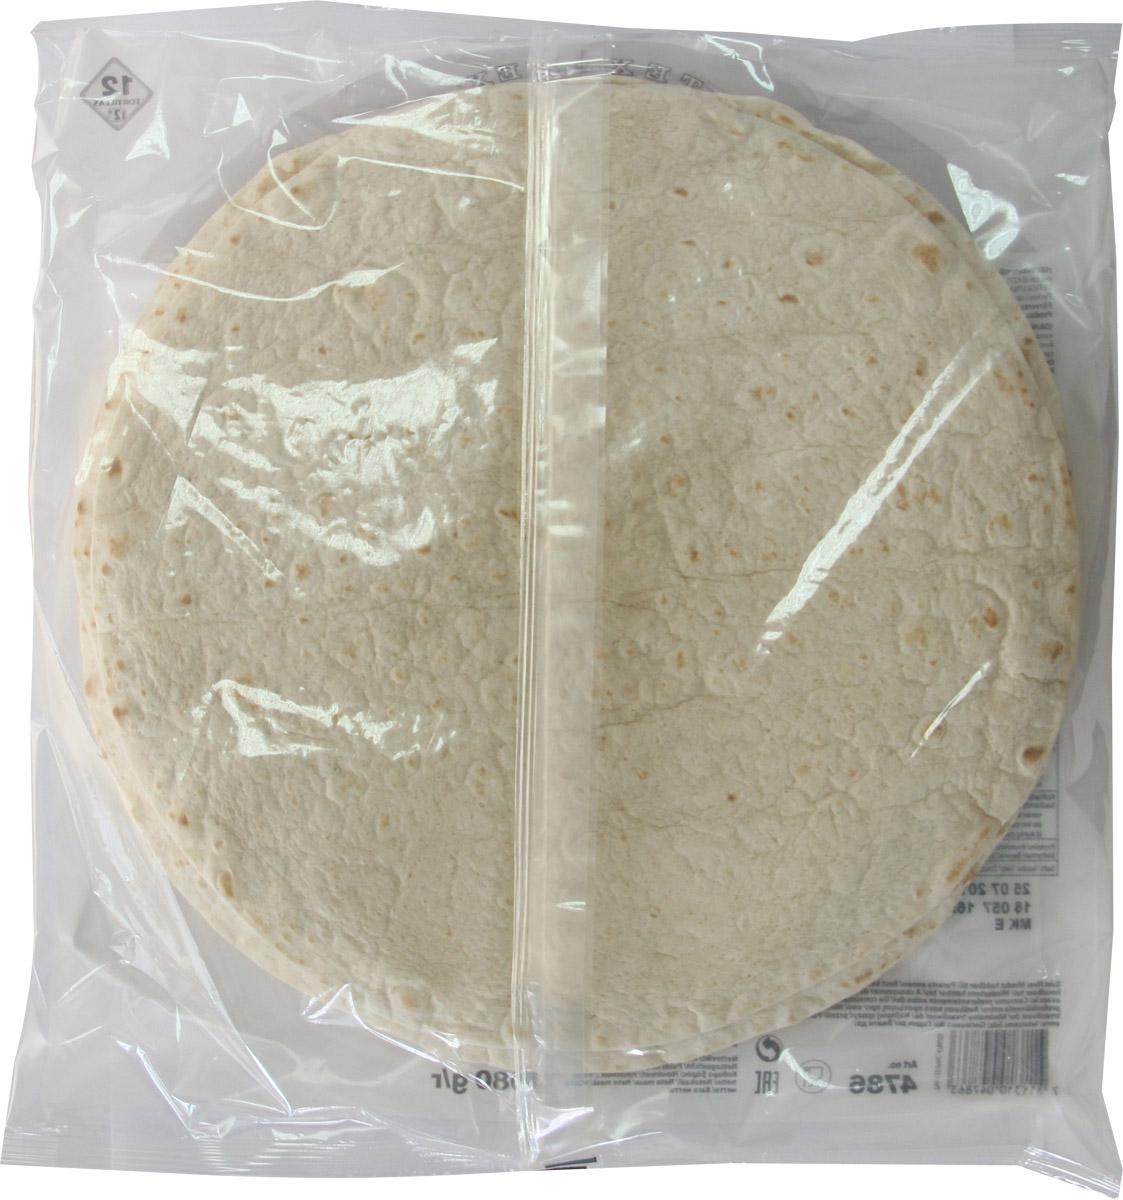 Santa Maria Тортилья пшеничная 12, 1080 г0120710Классическая мексиканская лепешка (тортилья) используется для приготовления холодных сендвичей и горячих блюд Техасско-Мексиканской кухни. Готова к употреблению сразу после вскрытия упаковки.